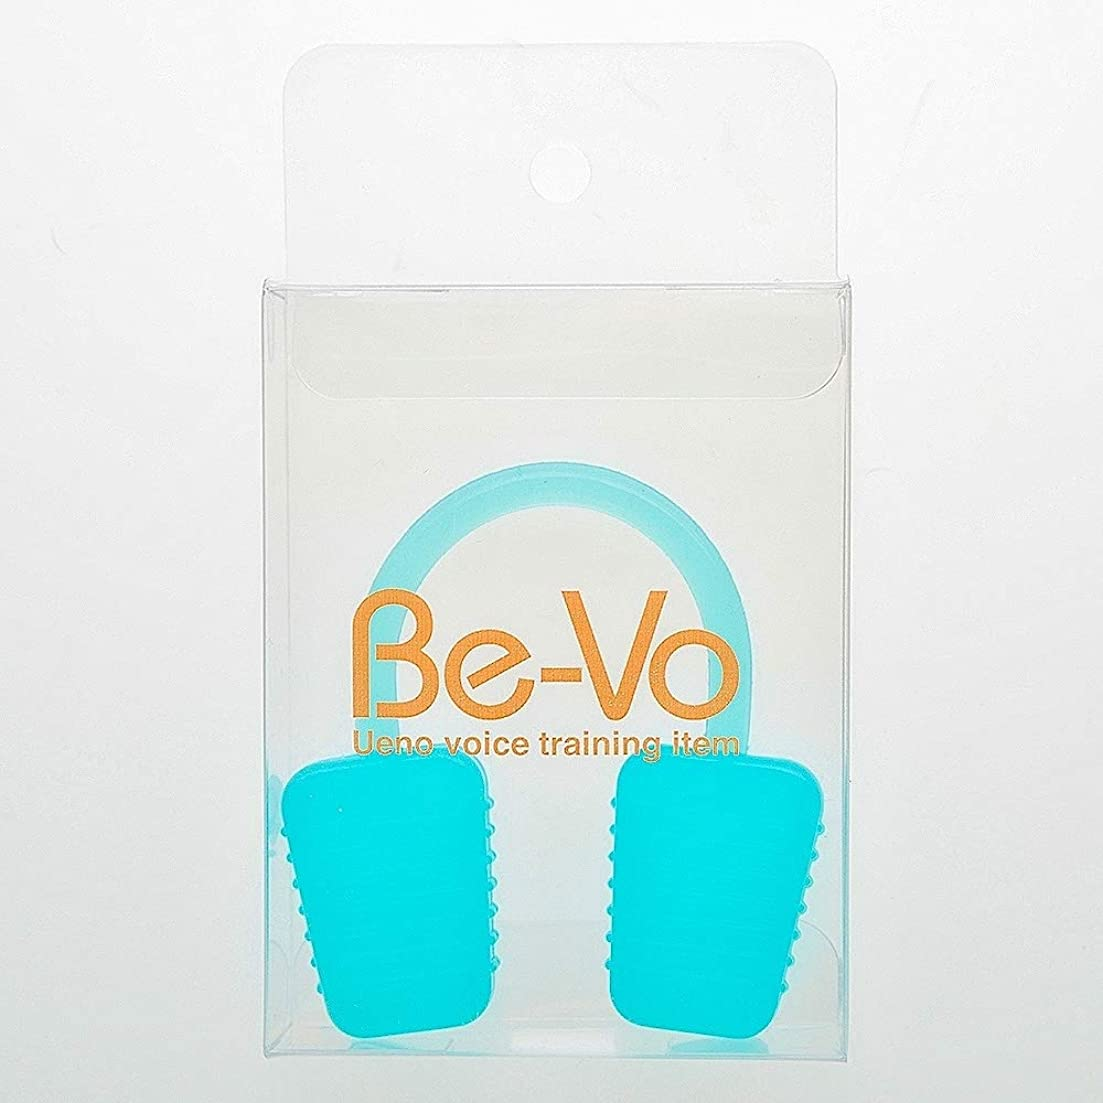 フォーク平方一時停止Be-Vo (ビーボ) ボイストレーニング器具 自宅で簡単ボイトレグッズ (ブルー)